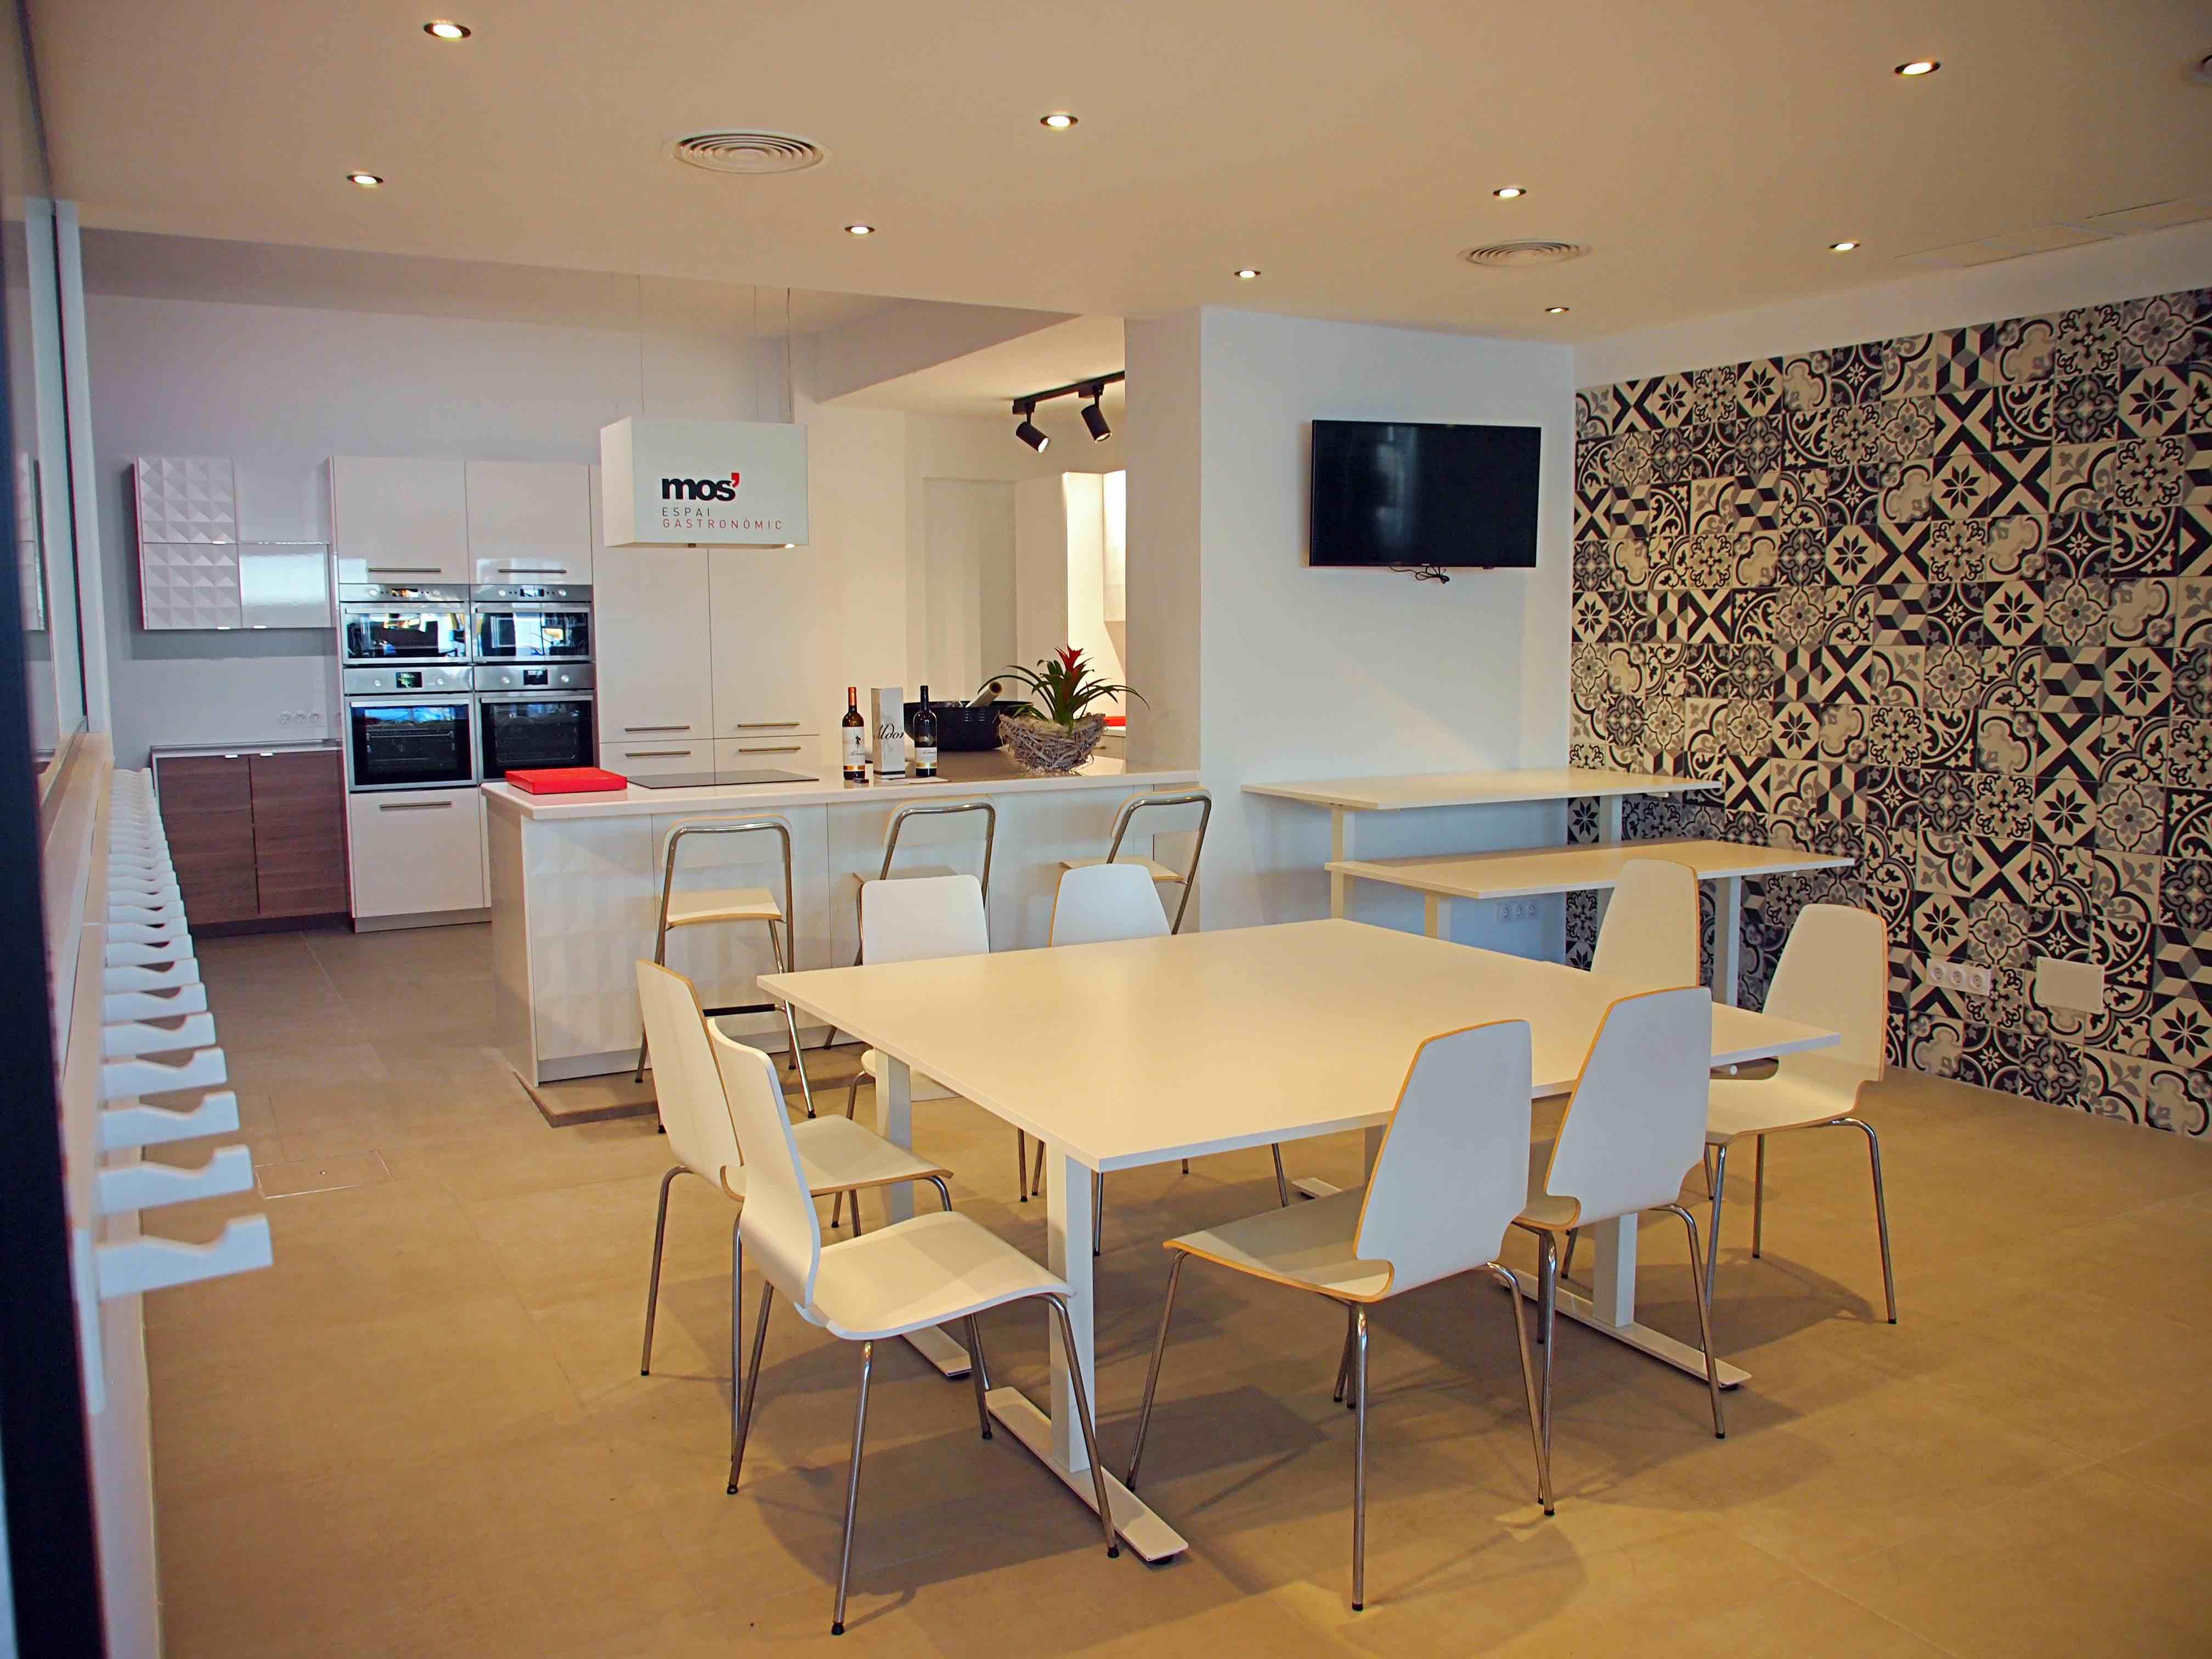 Aula de cocina en Mos Espai Gastronòmic